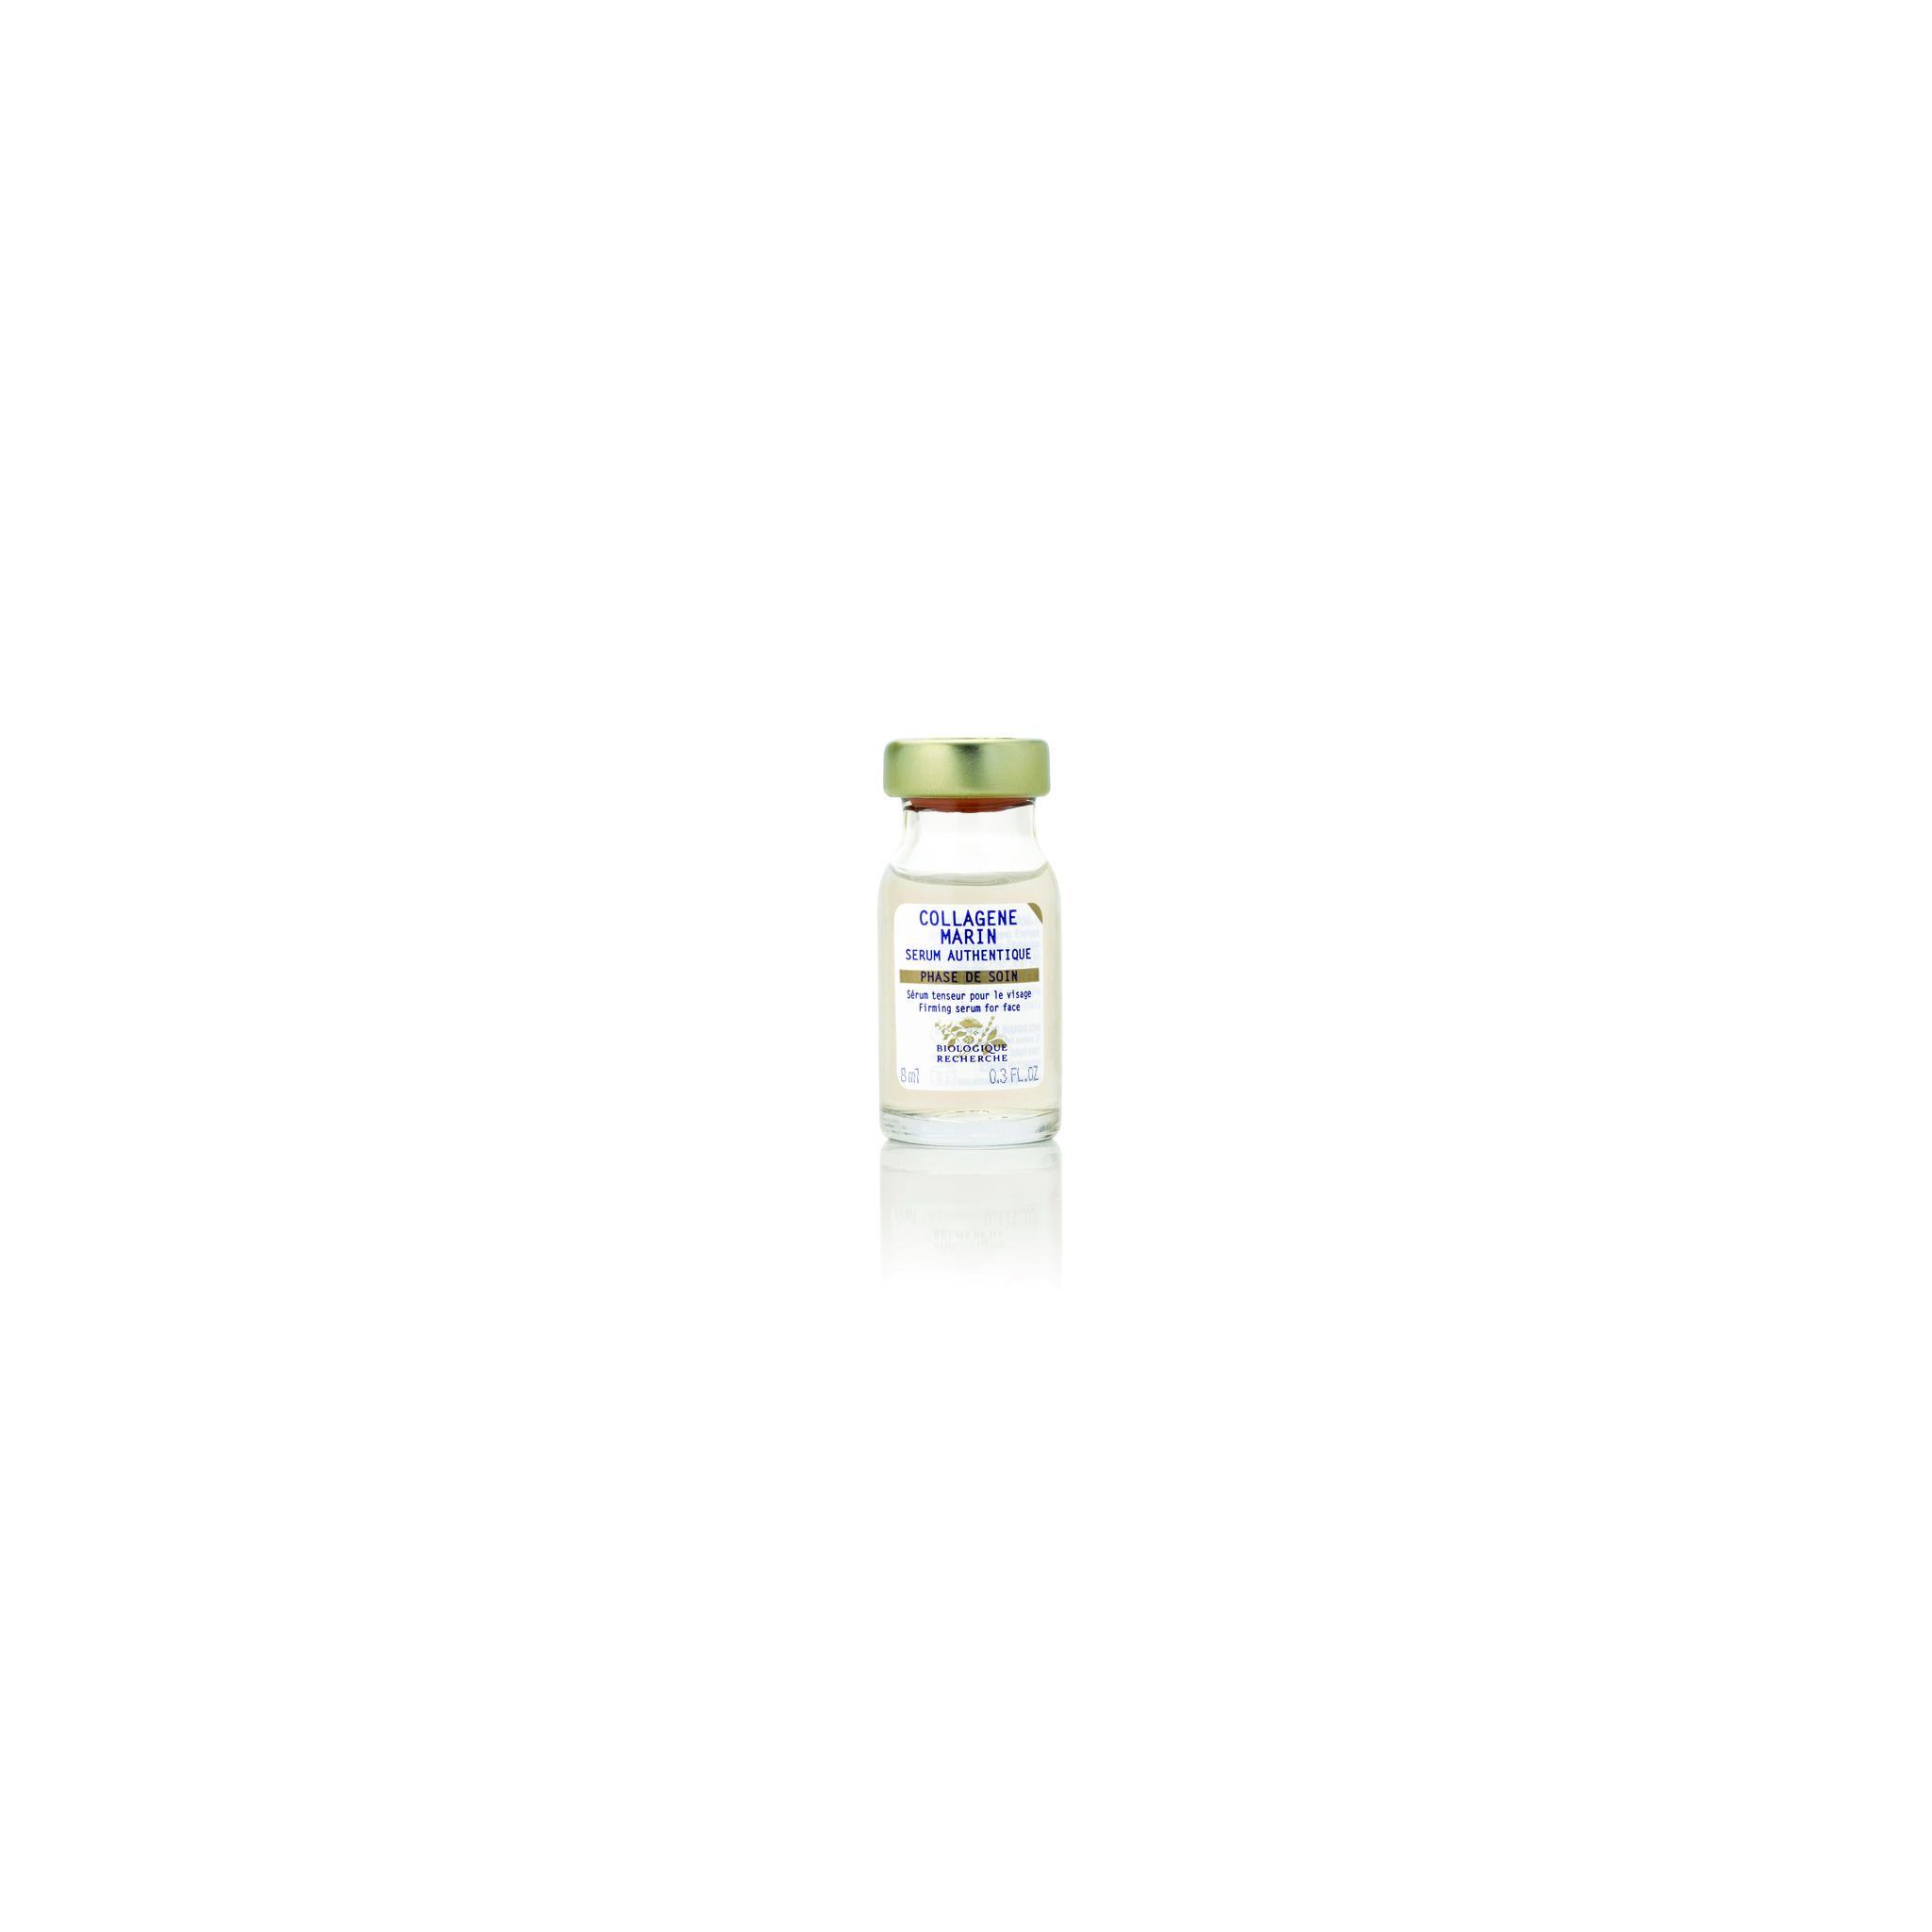 Сыворотка для лица, шеи, декольте BIOLOGIQUE RECHERCHE Collagene Marin 8 мл